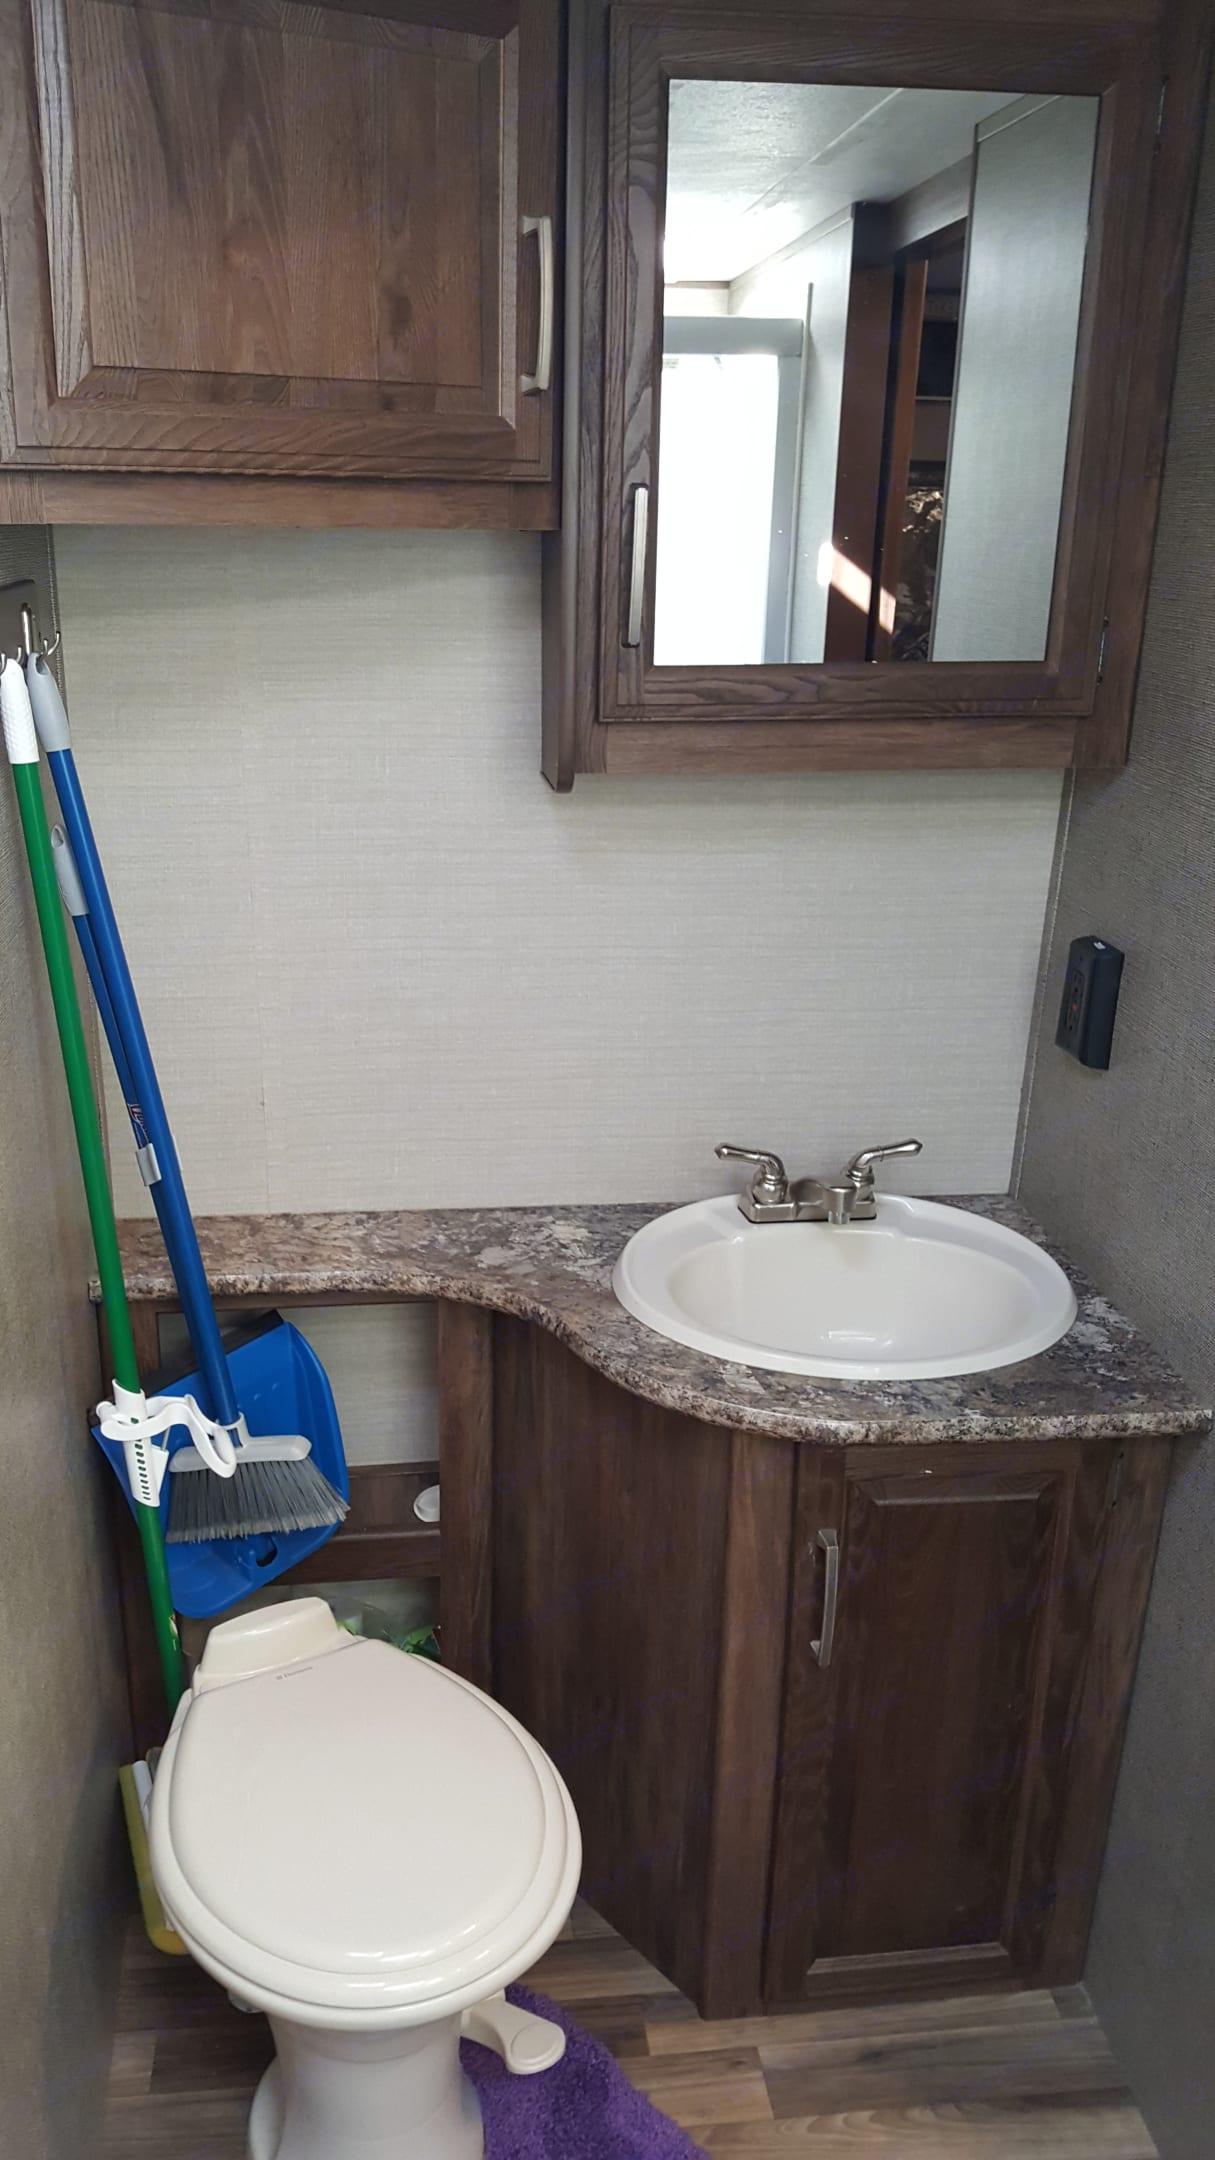 Bathroom Sink. Keystone Cougar 2017